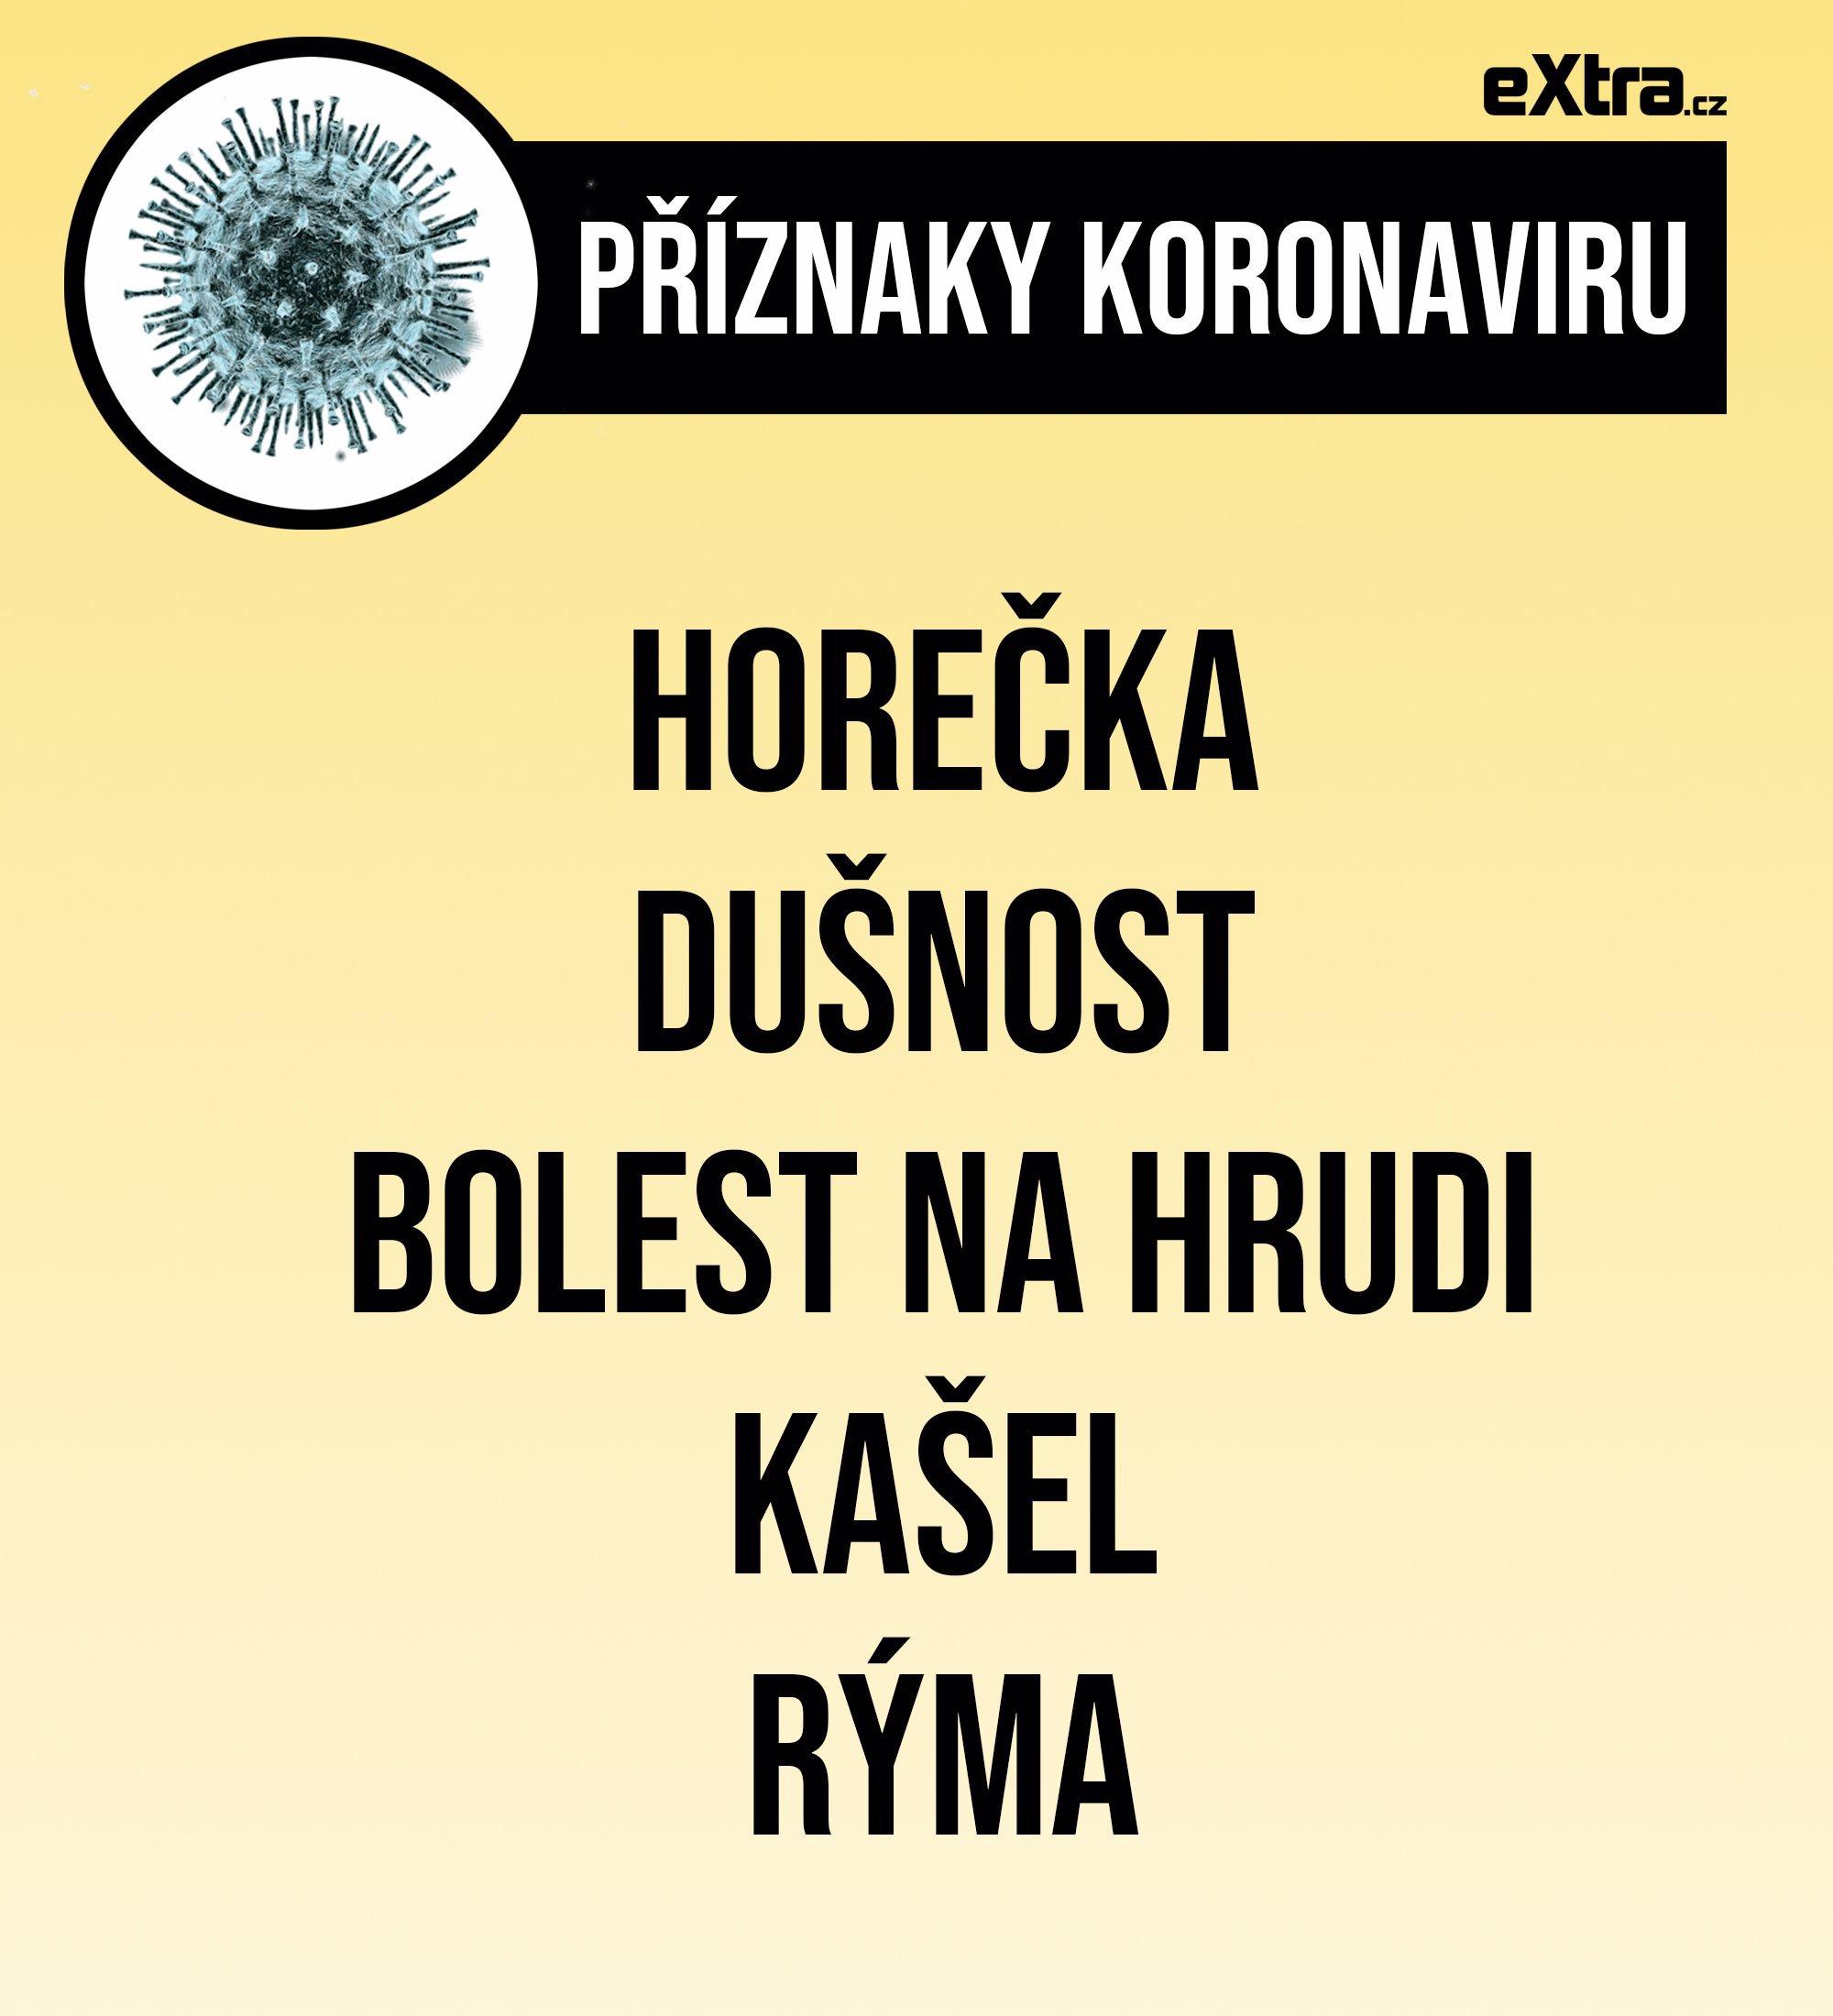 Epidemiolog Prymula: Odpoledne rozhodneme o karanténě pro Česko! Dva taxikáři na tom jsou zle